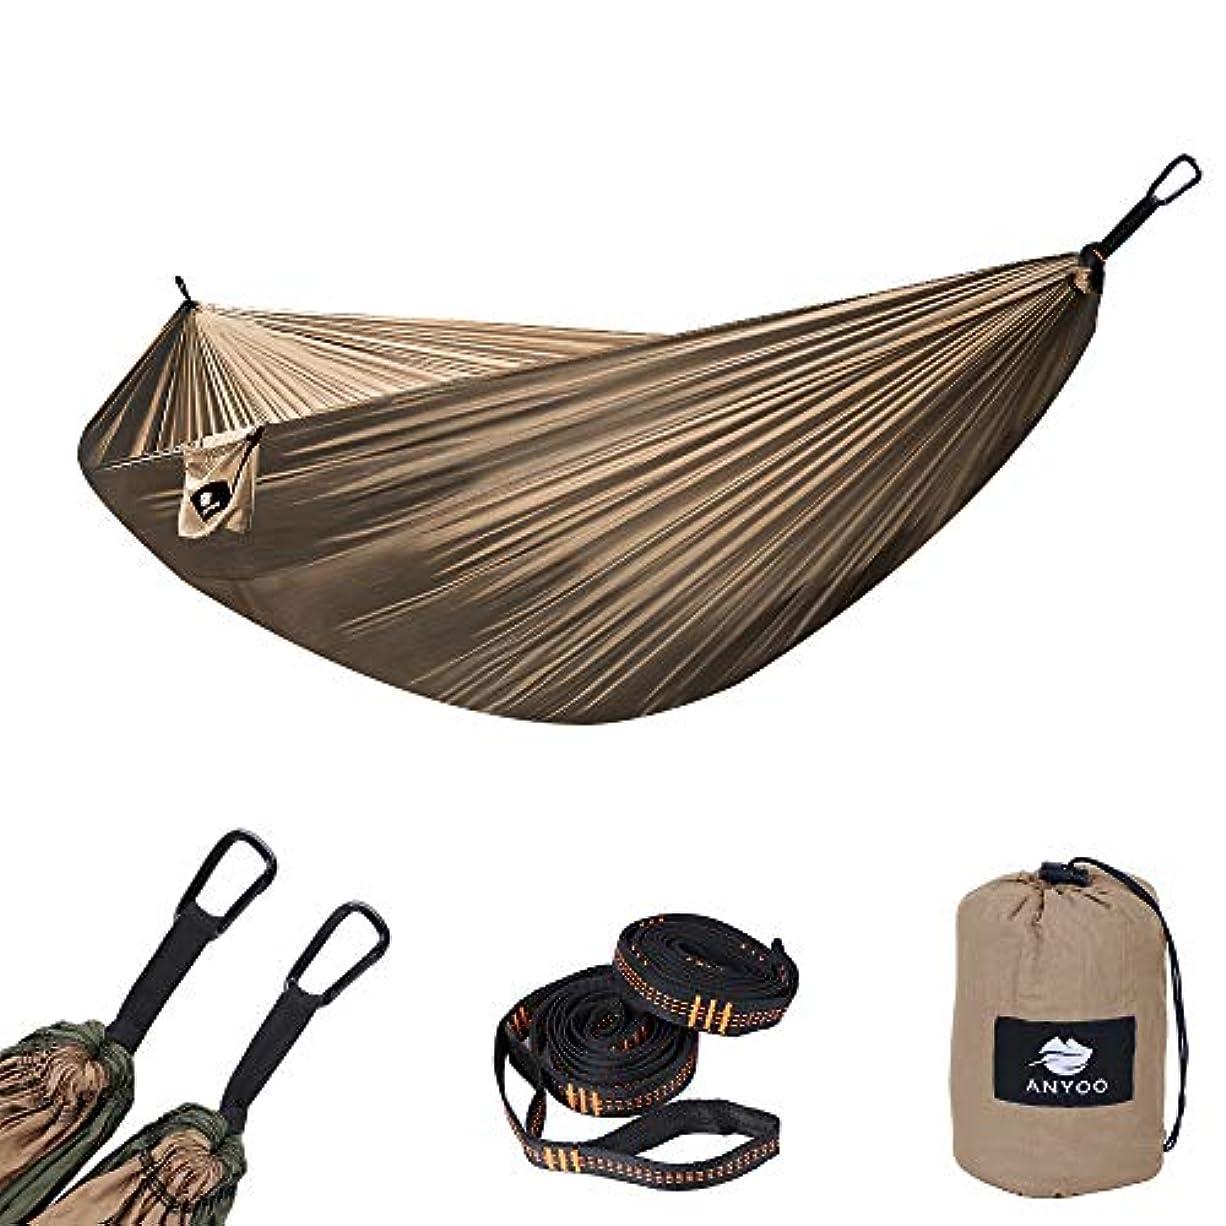 ハイキングに行く間欠お風呂を持っているAnyooキャンプパラシュートハンモック軽量耐久性旅行ハンモックポータブル速乾性バックパッキングビーチをハイキングに最適